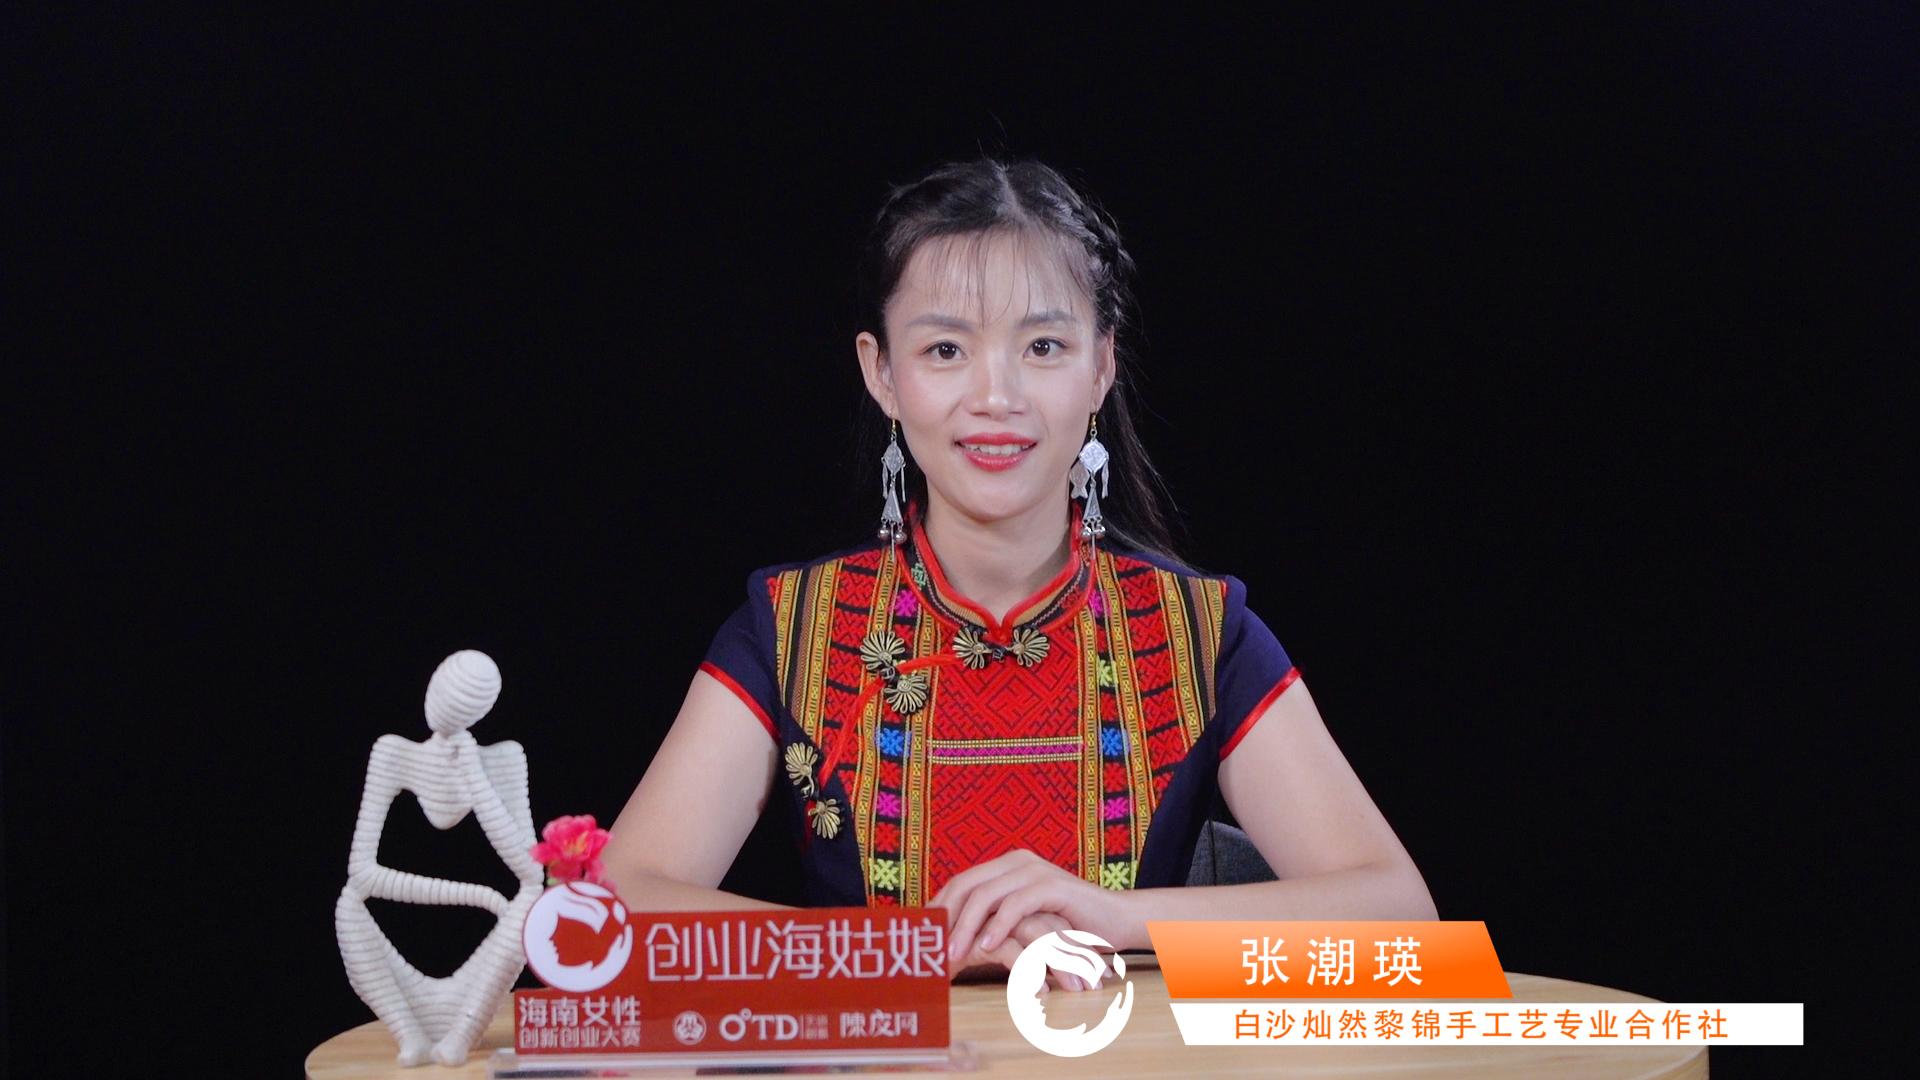 创业海姑娘|灿然黎锦张潮瑛,心系家乡黎锦